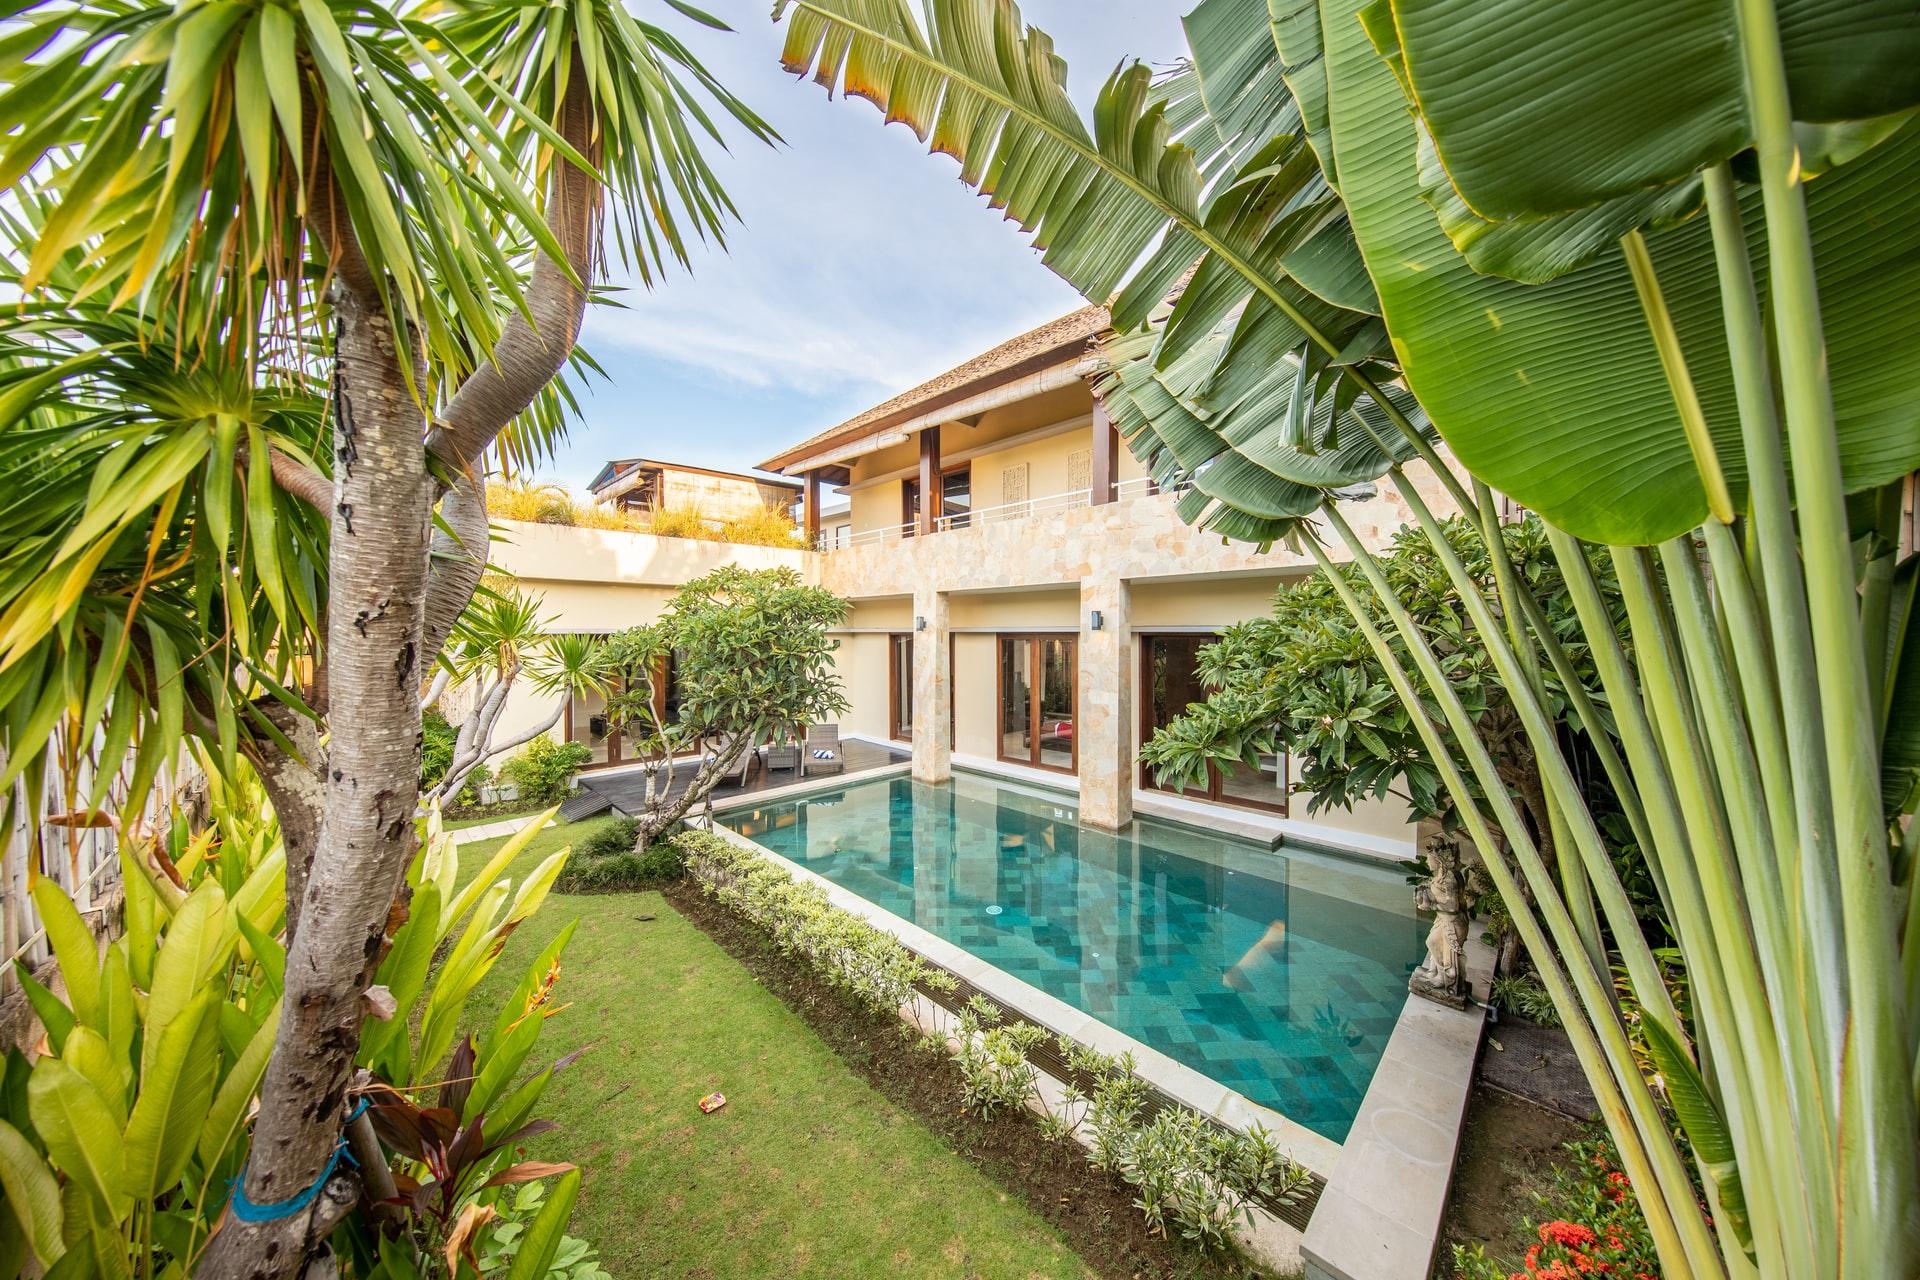 Motivi per cui comprare una casa potrebbe essere meglio che stare in affitto